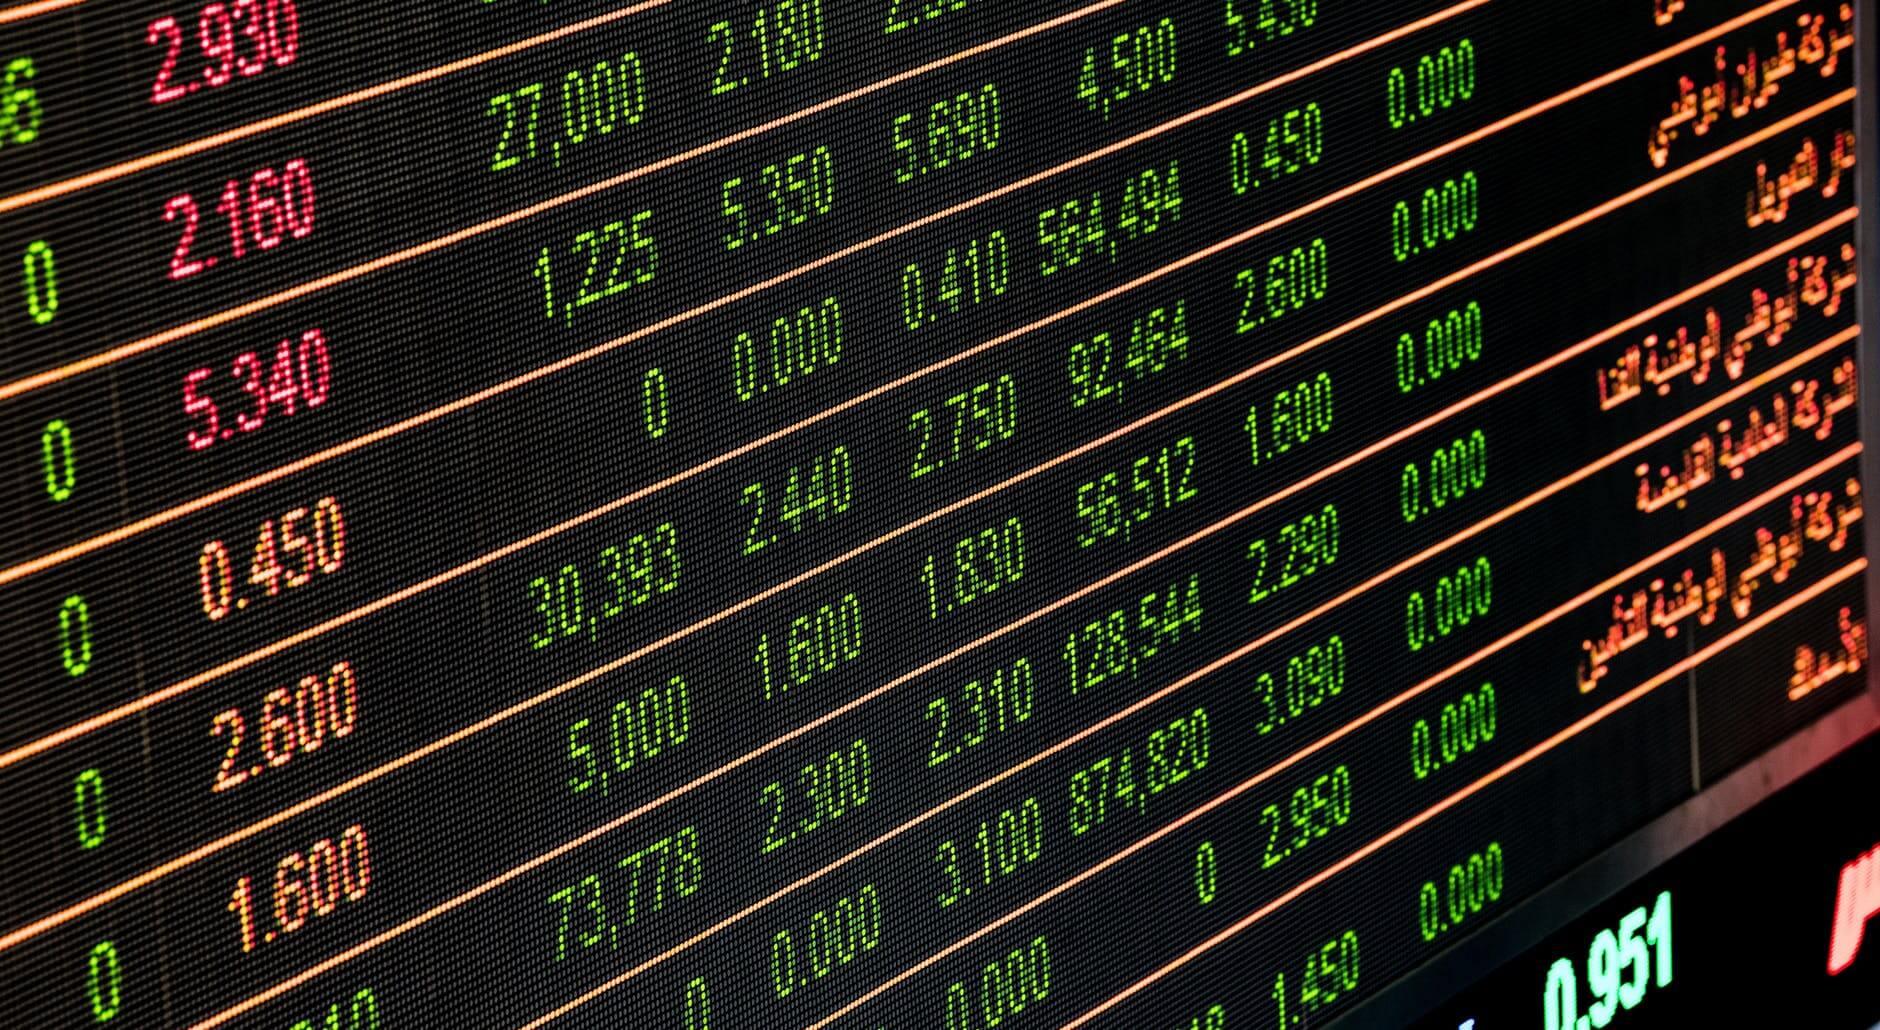 Alphabet финансовые результаты